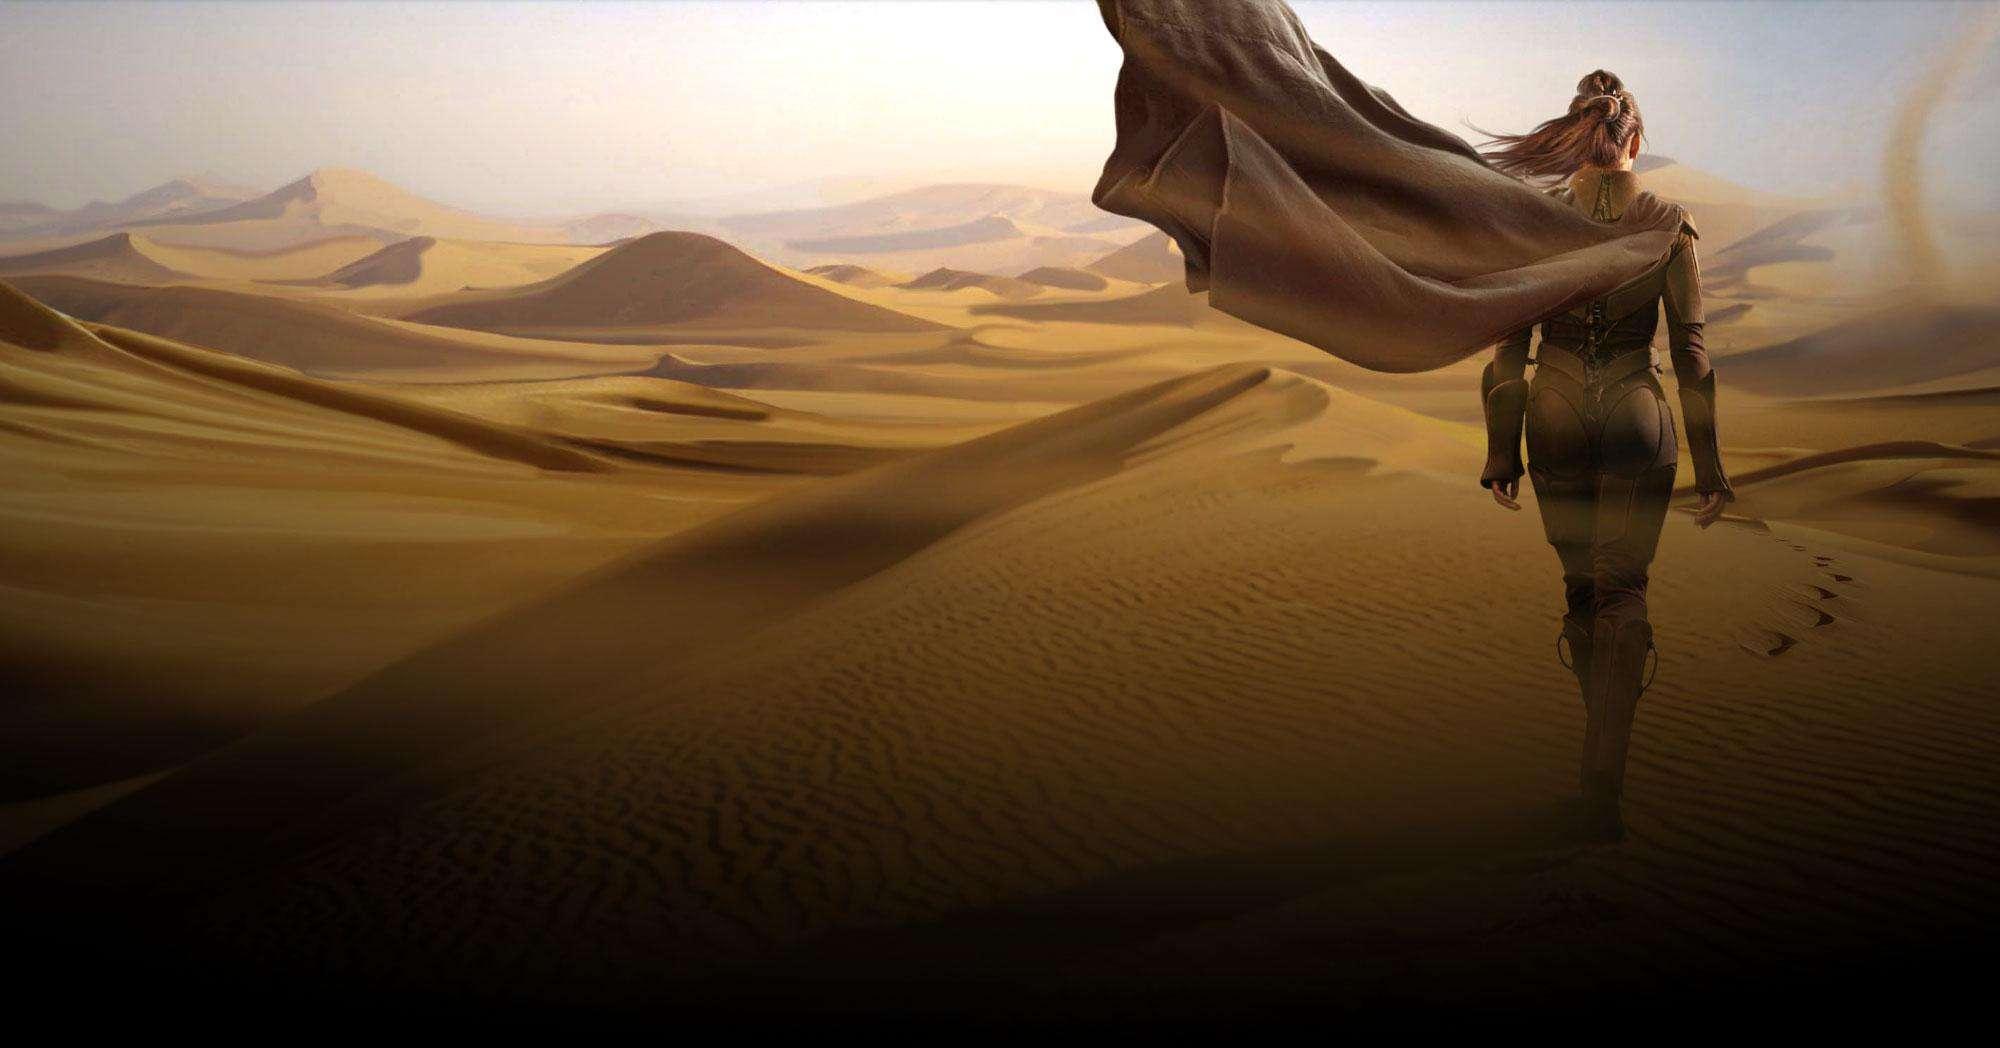 dune - photo #20